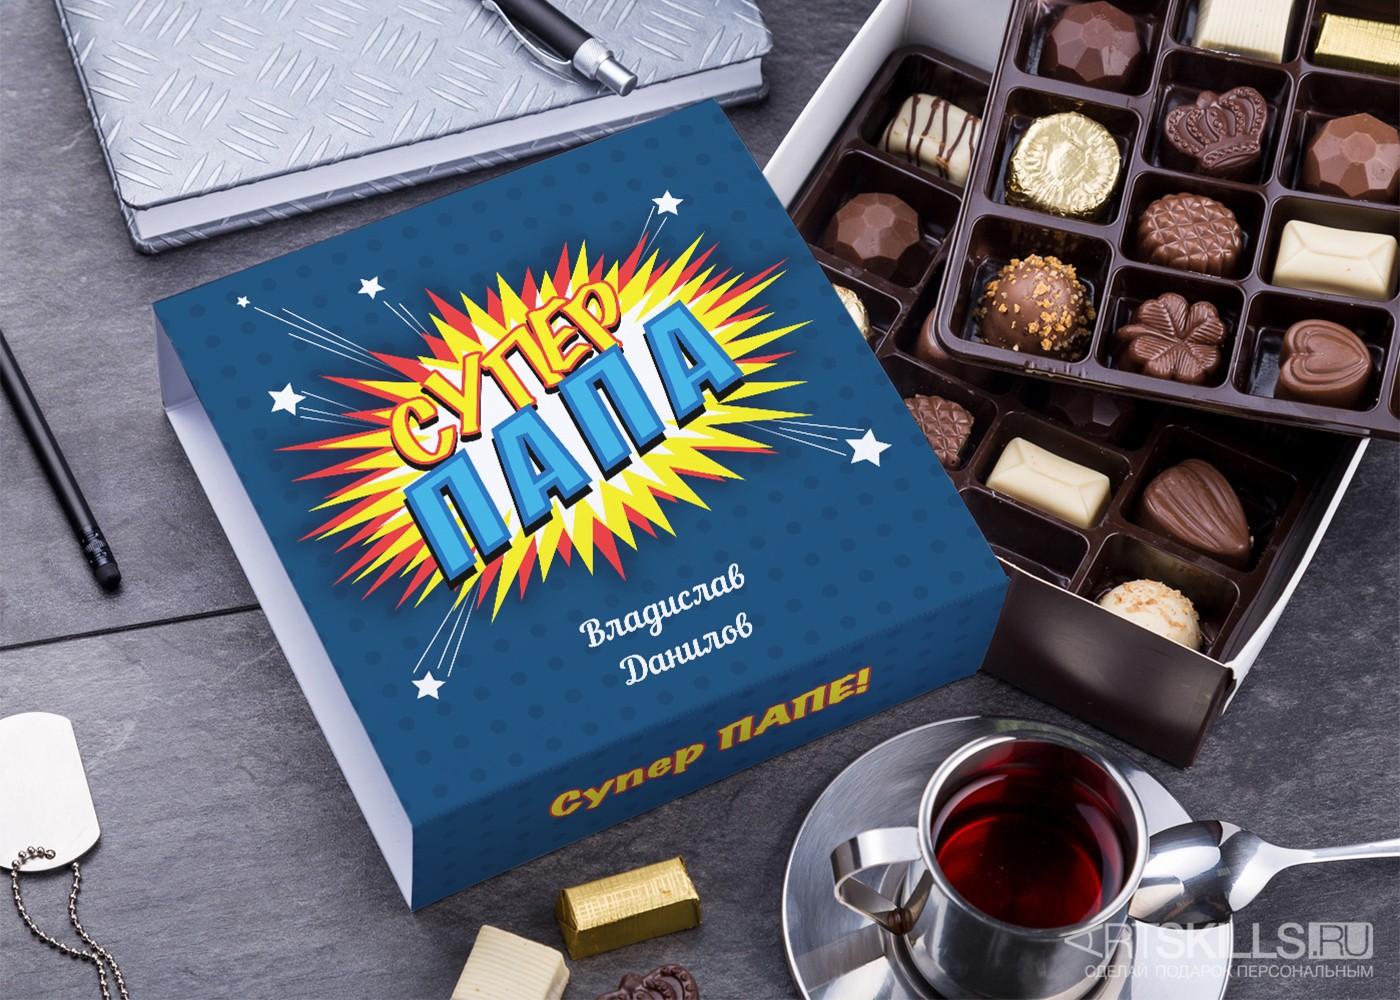 Бельгийский шоколад в подарочной упаковке Суперпапе